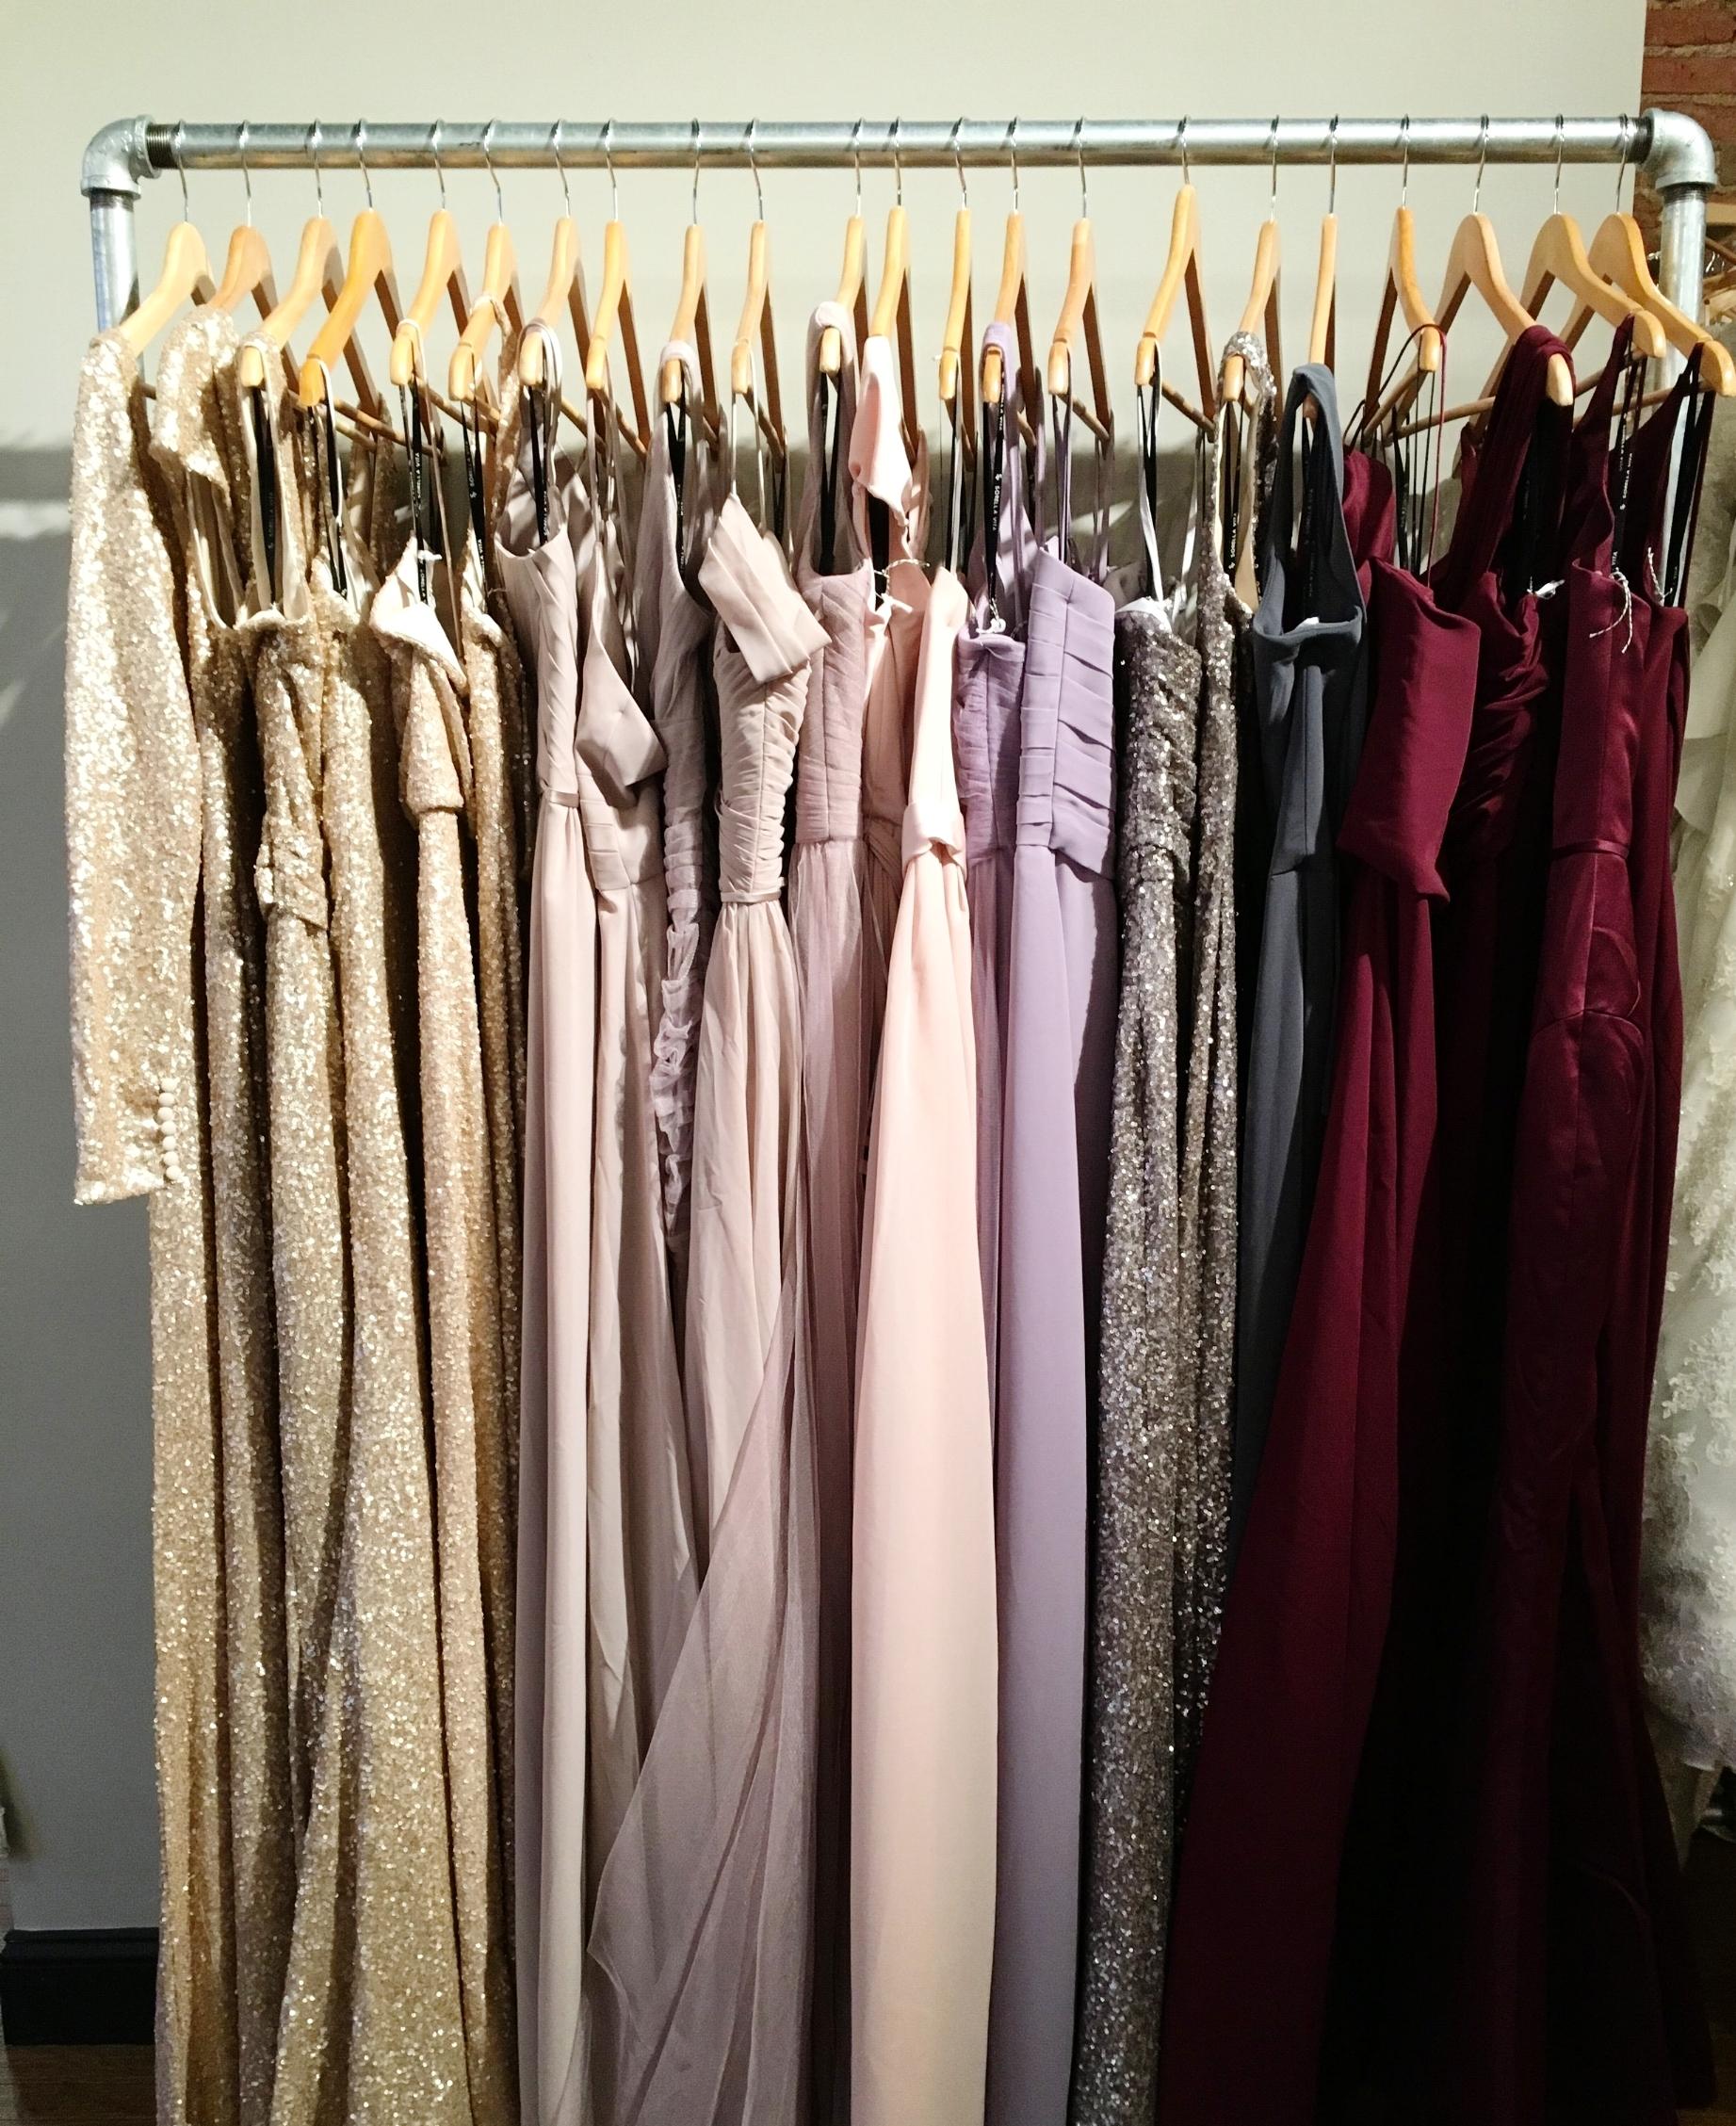 Selection of Sorella Vita bridesmaids dresses at White Traditions Bridal House.